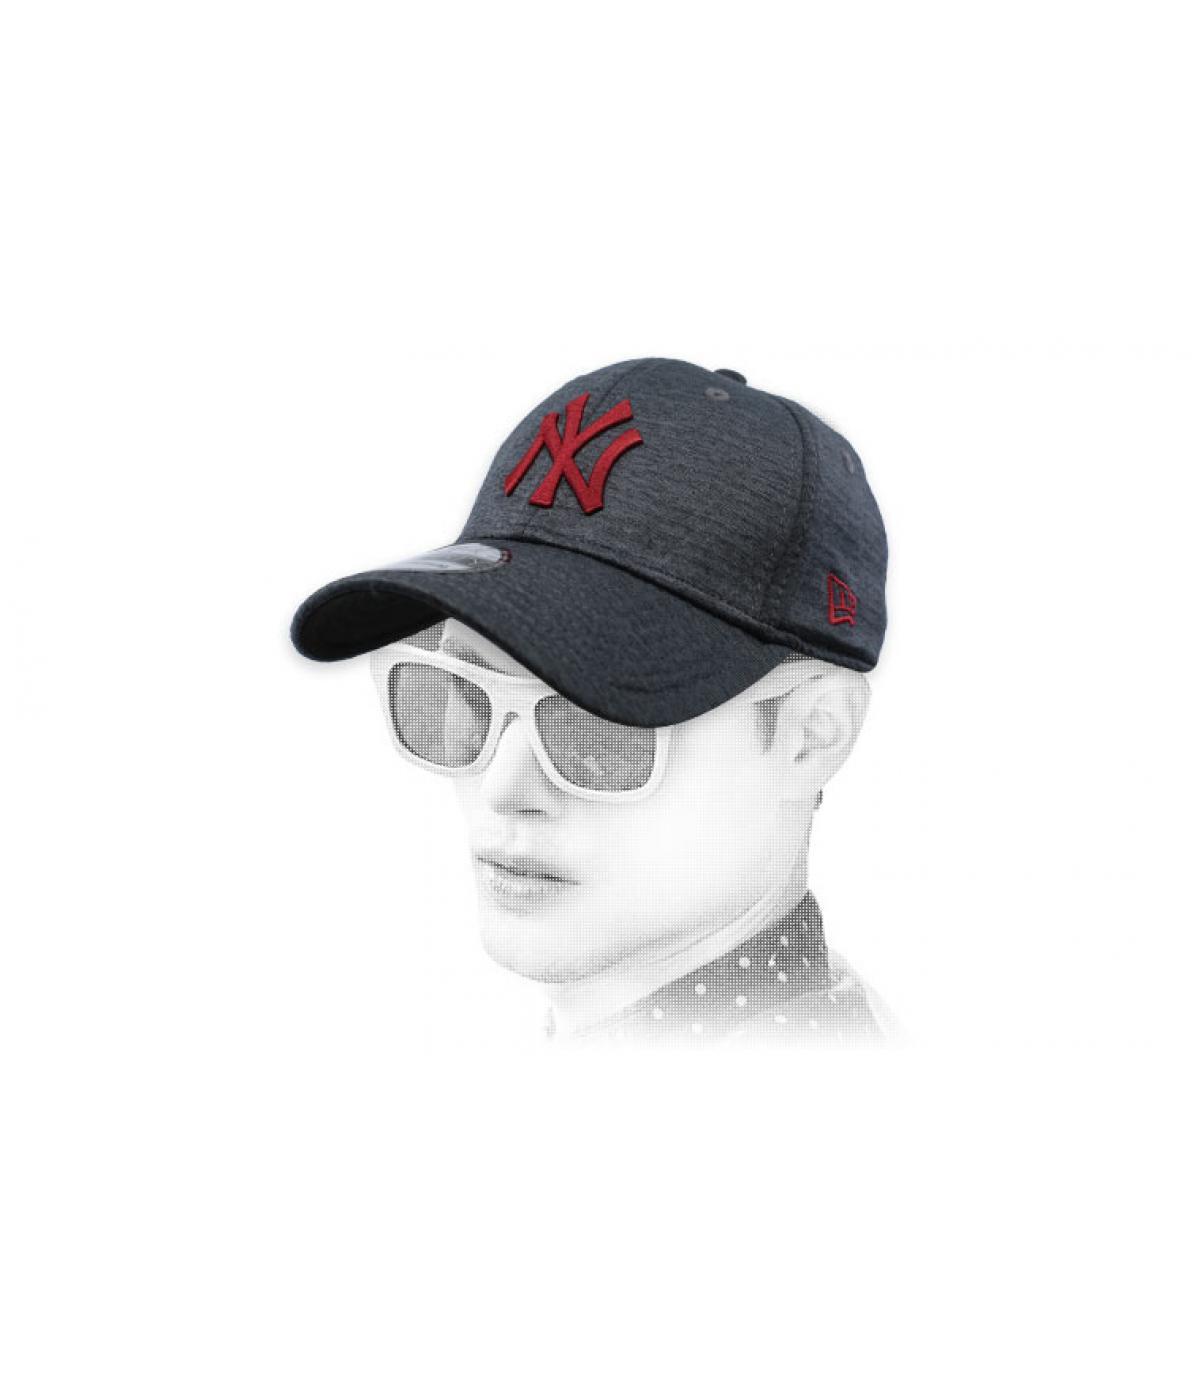 casquette NY noir gris